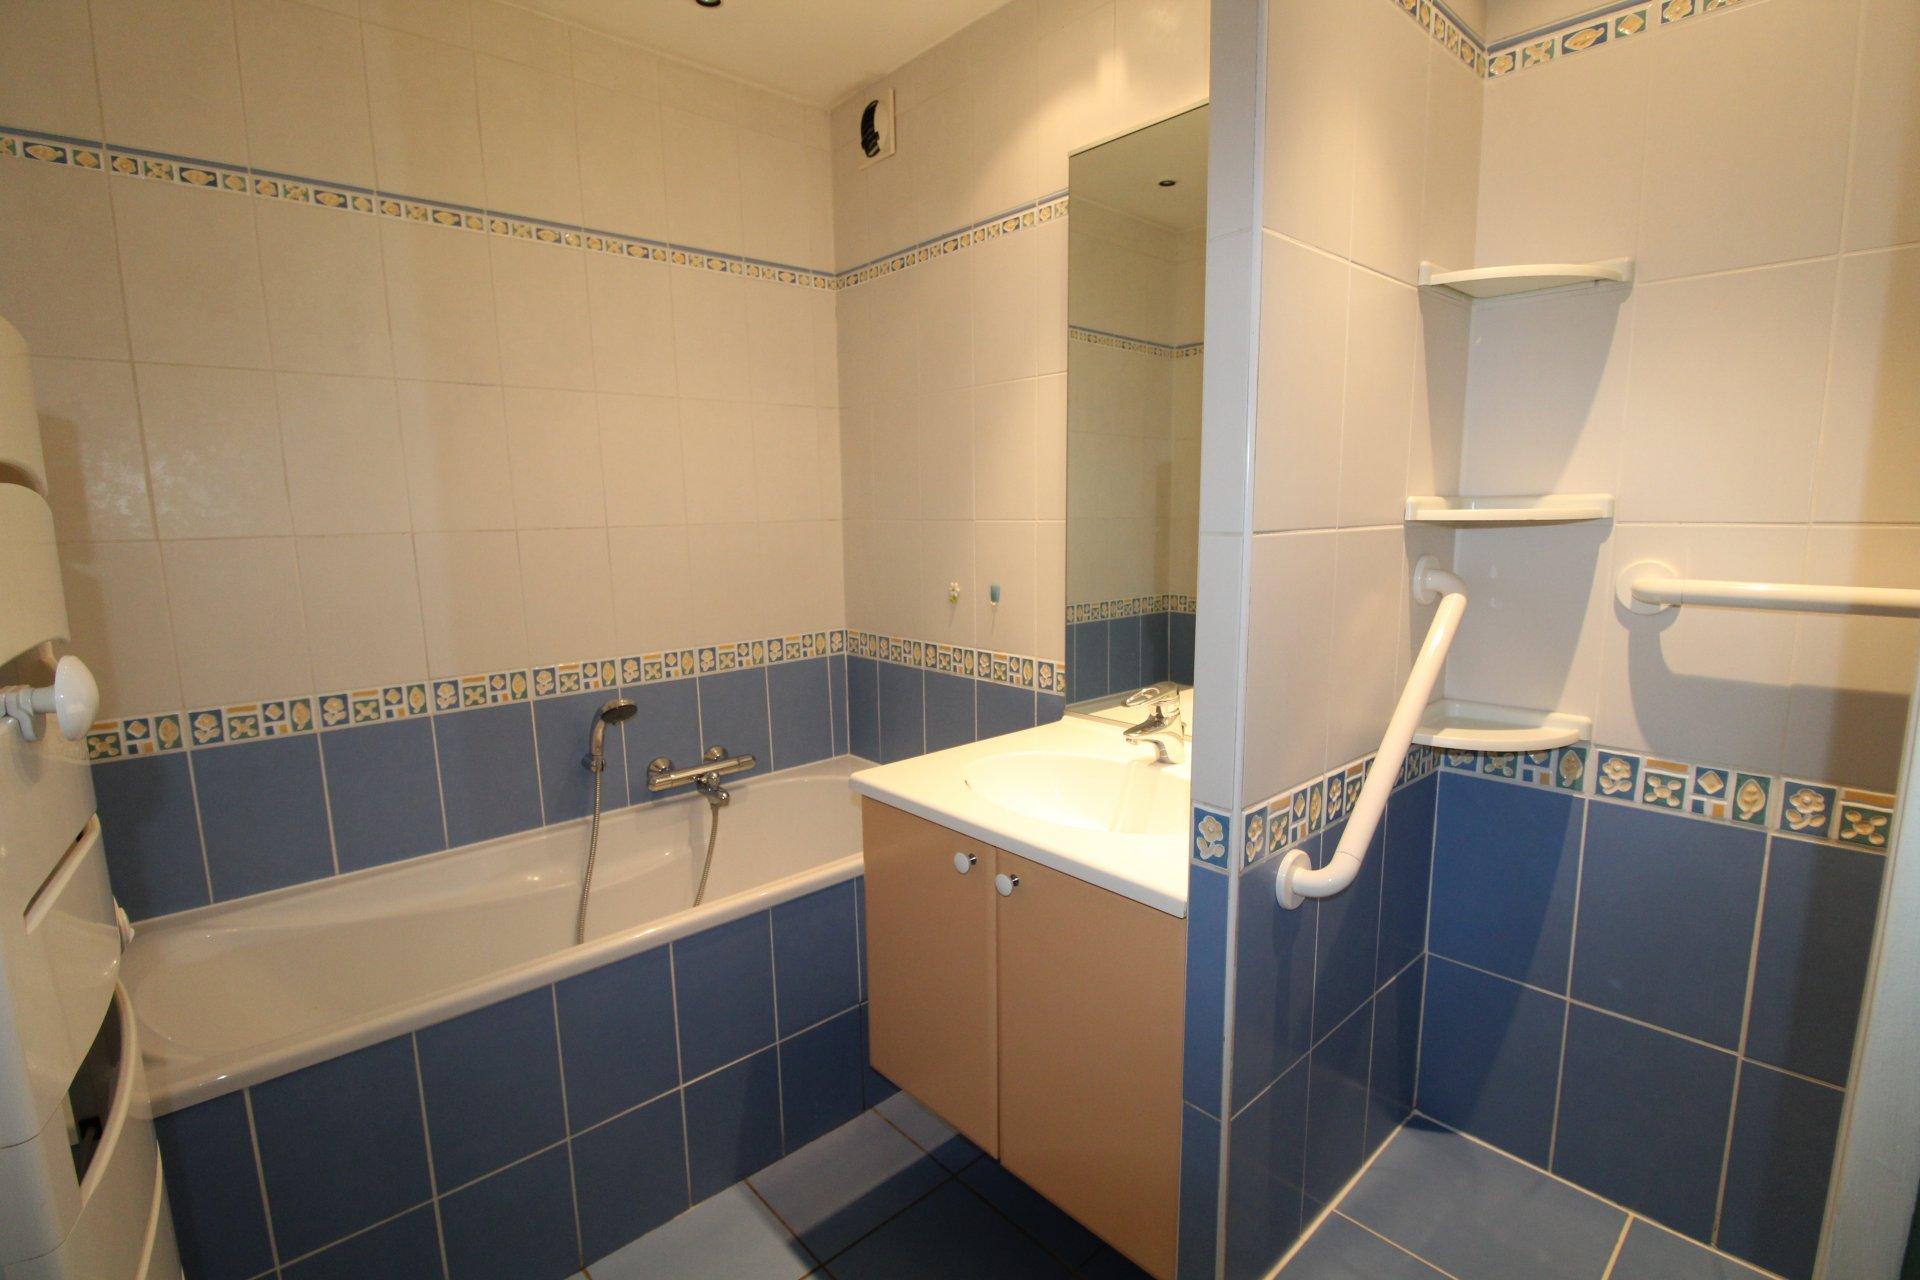 Appartement Saint-Etienne / Bergson 4 pièces 86m2 avec balcon et garage